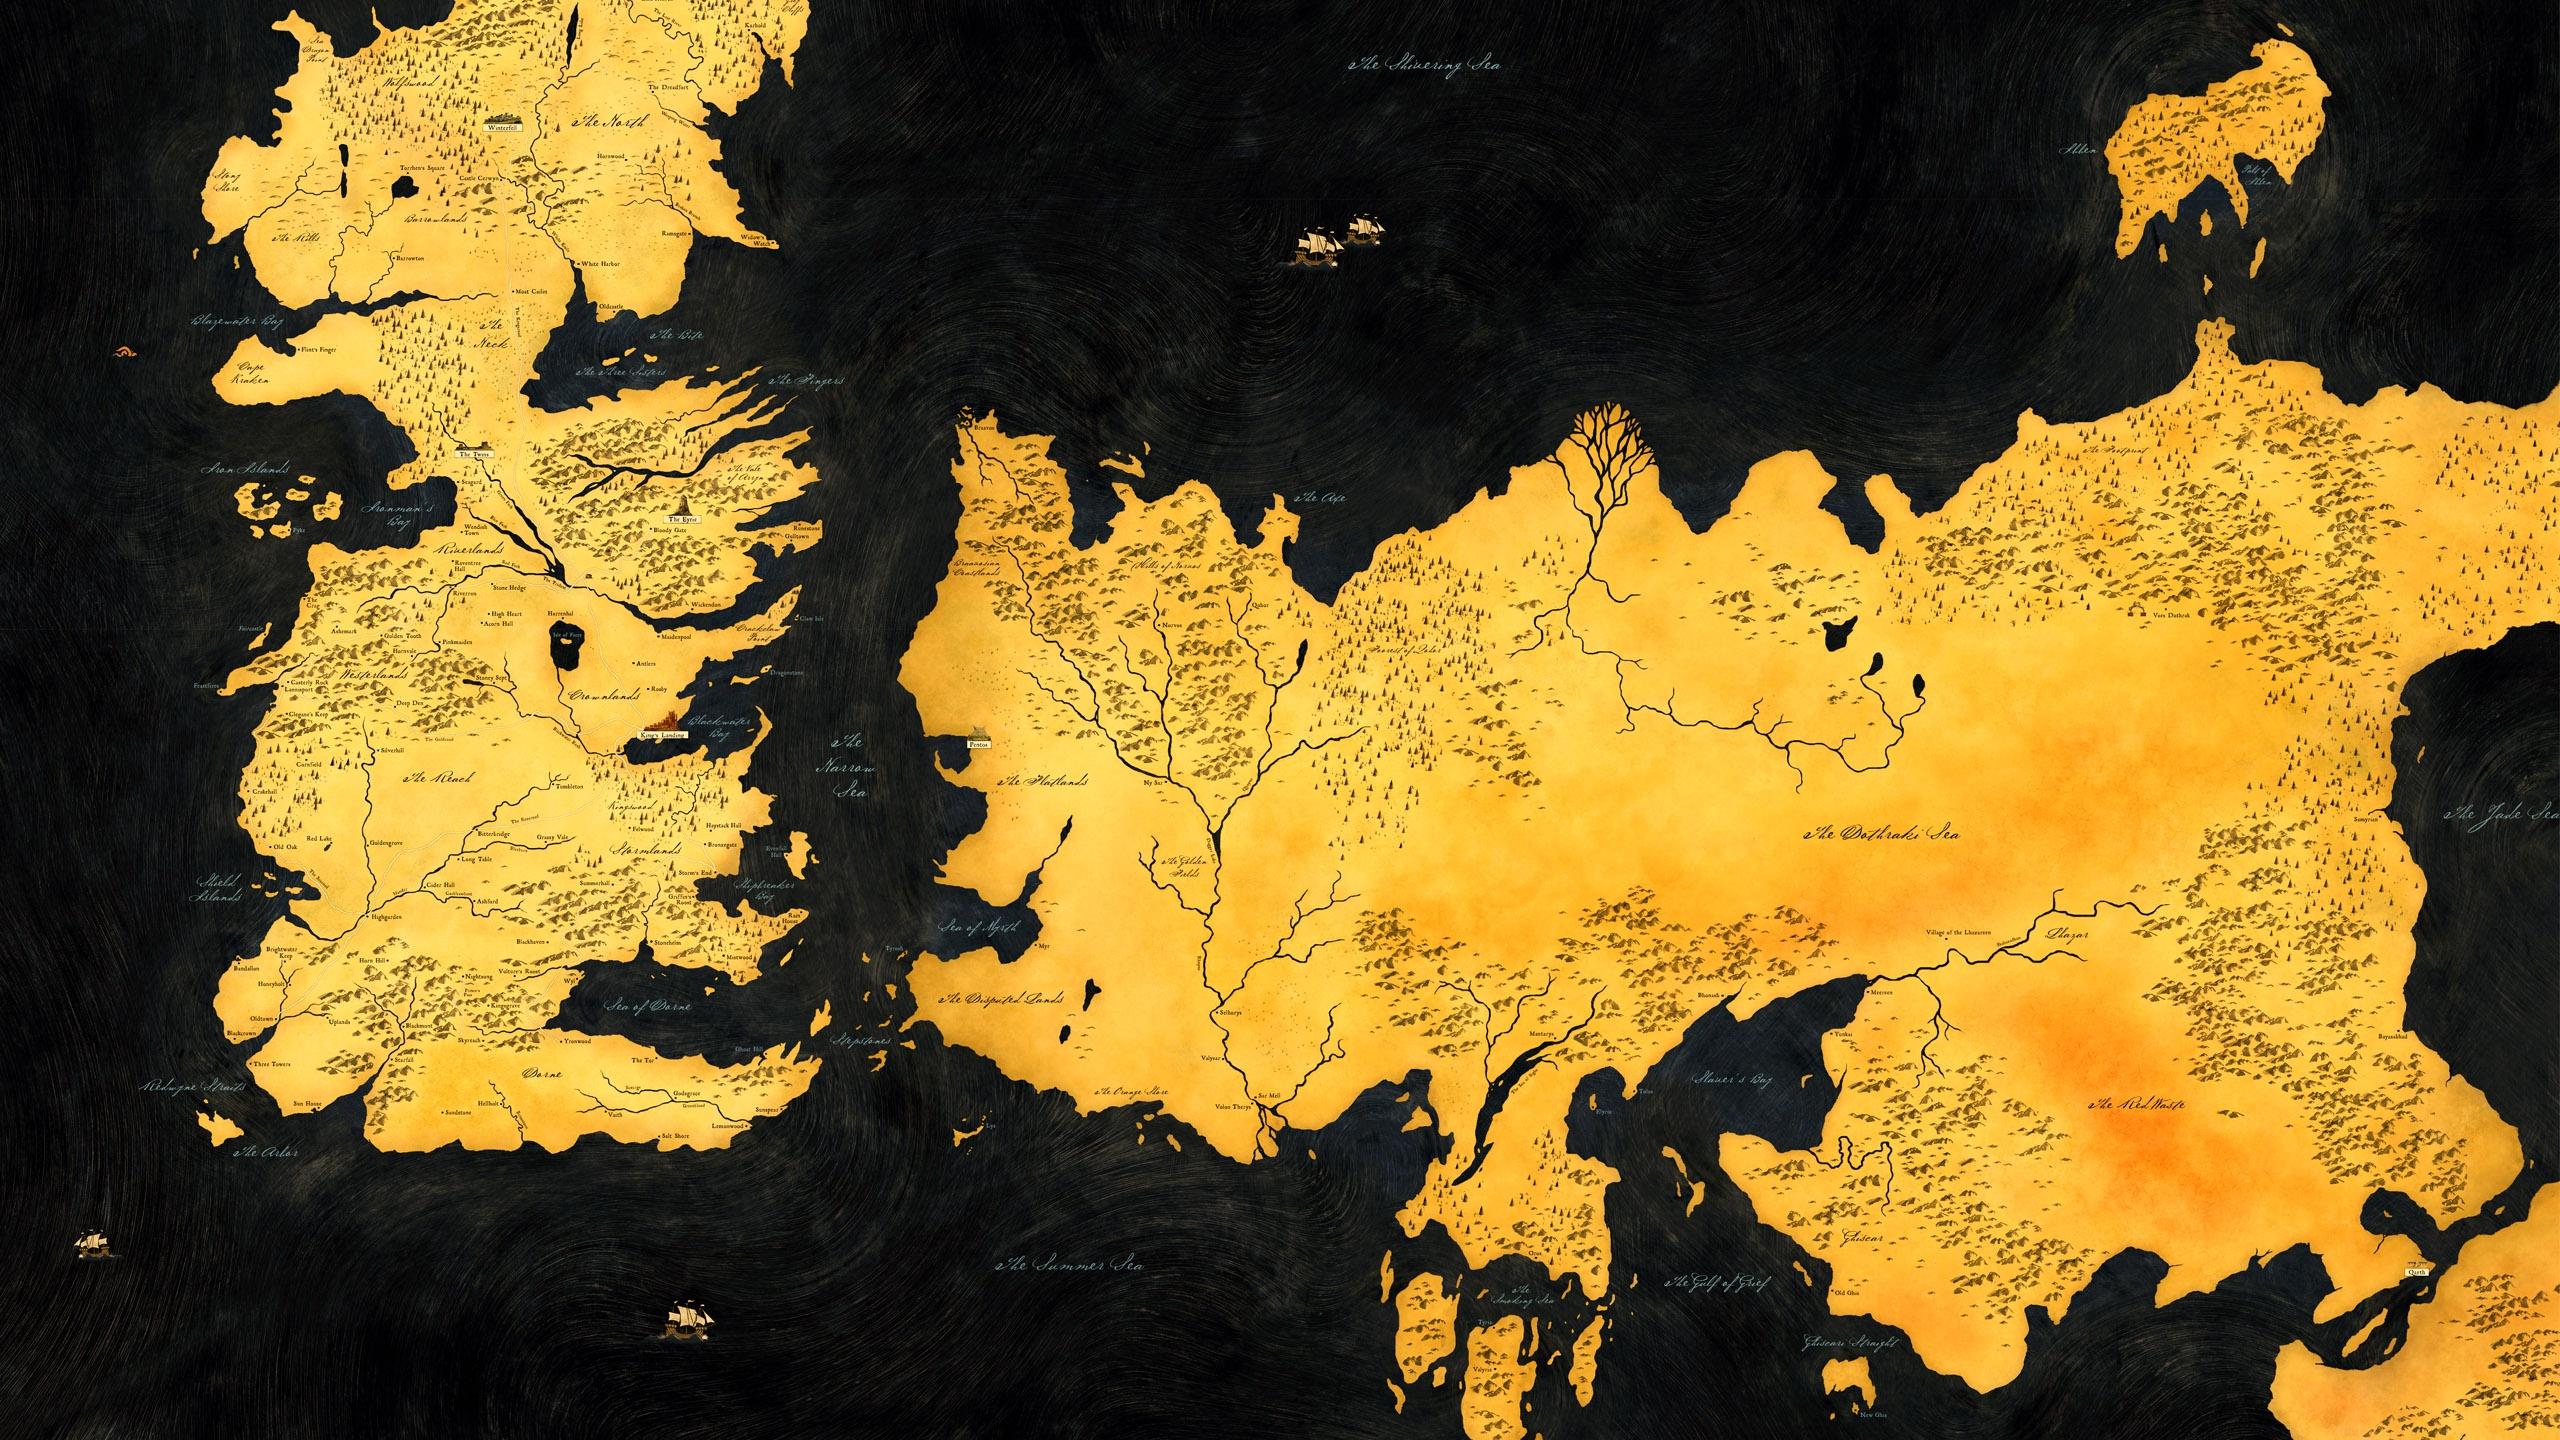 Facebook Covers For Game Of Thrones 85 96  E2 80 A2 Popopics Com